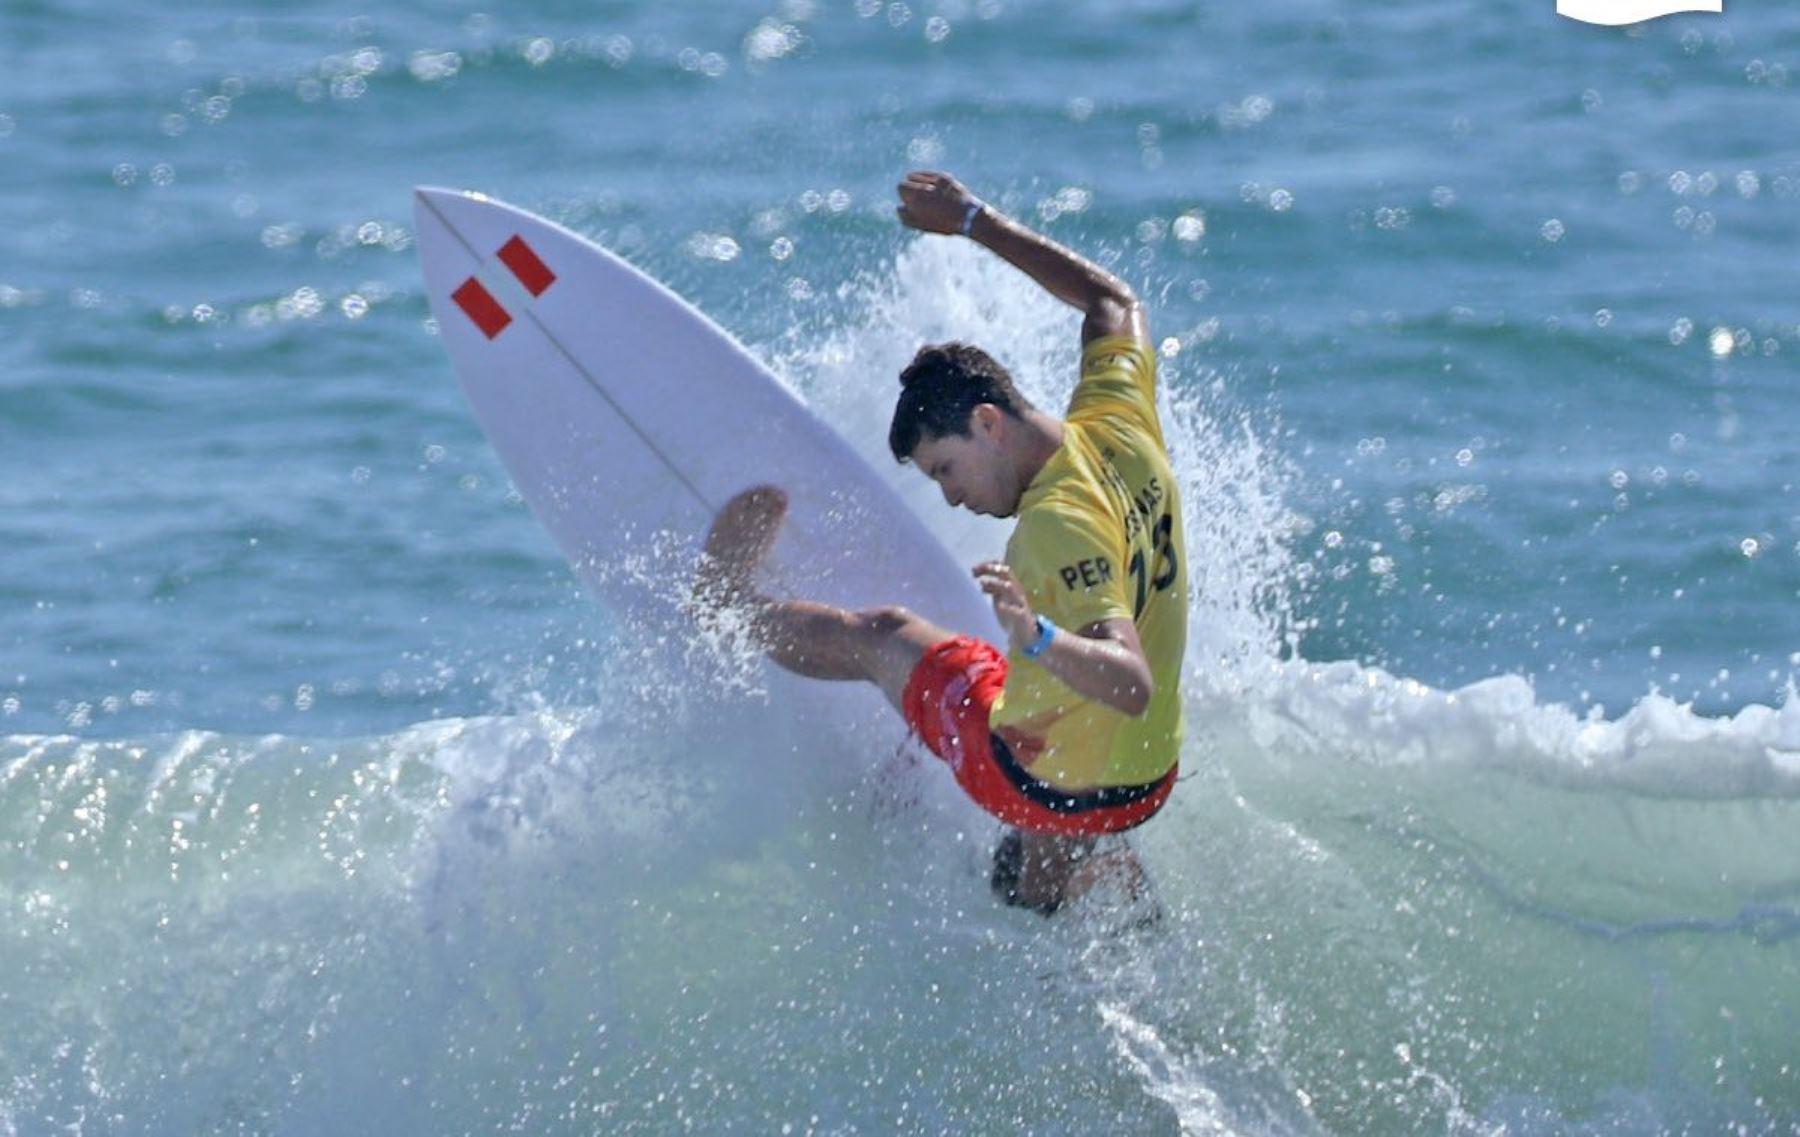 Lucca Mesinas se mantiene en la lucha por la medalla olímpica en surf.